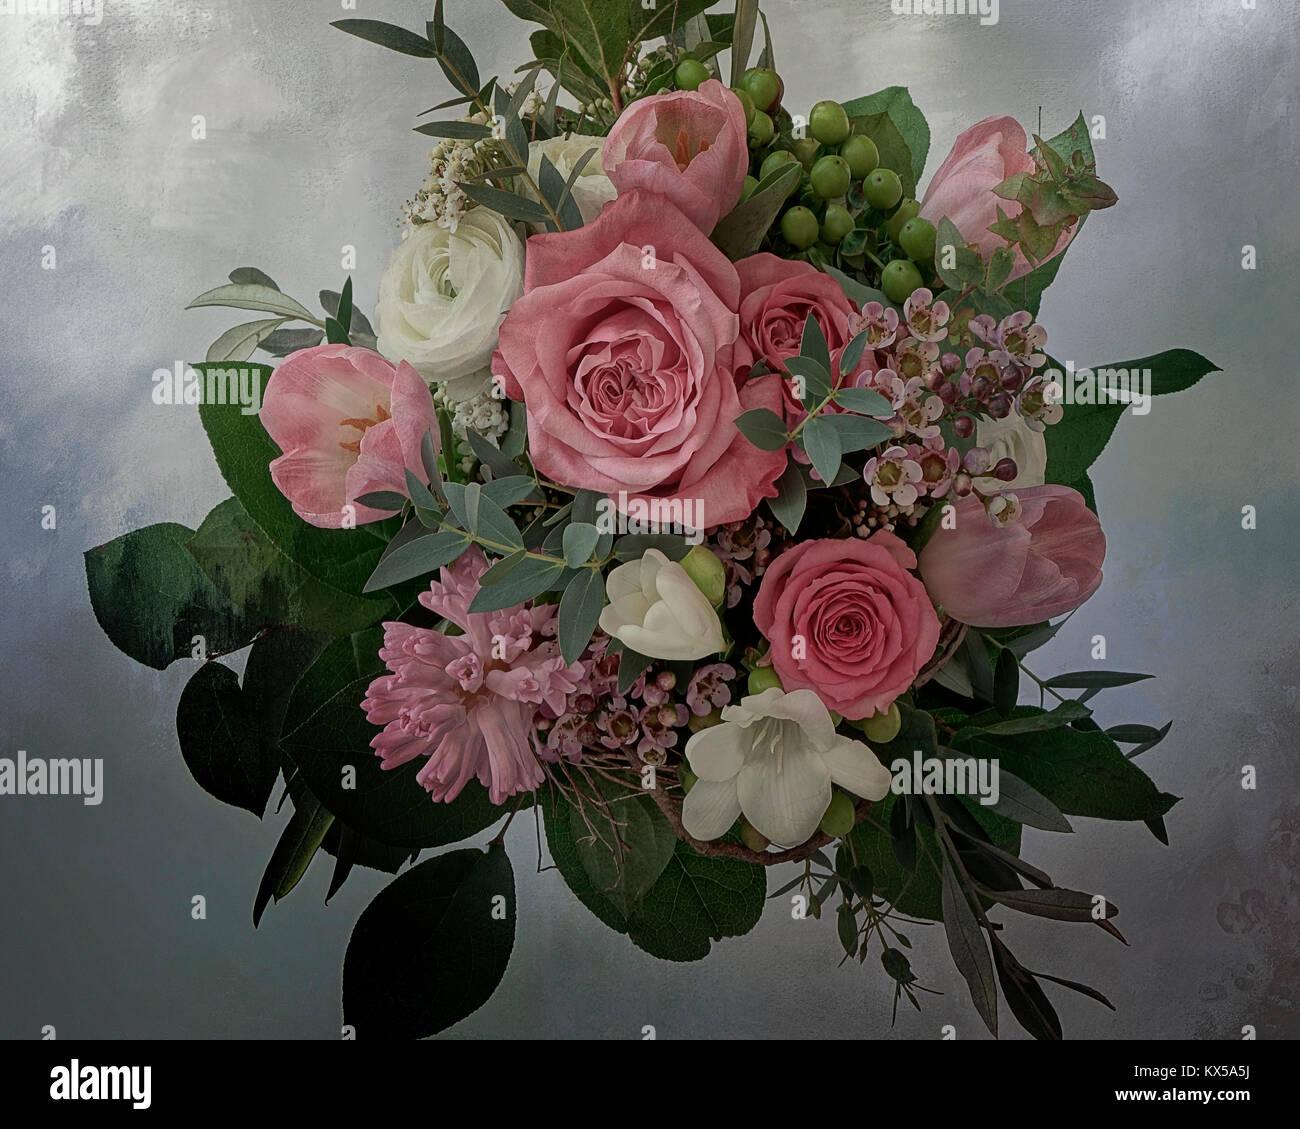 PHOTO ART: Arrangement de fleurs Photo Stock